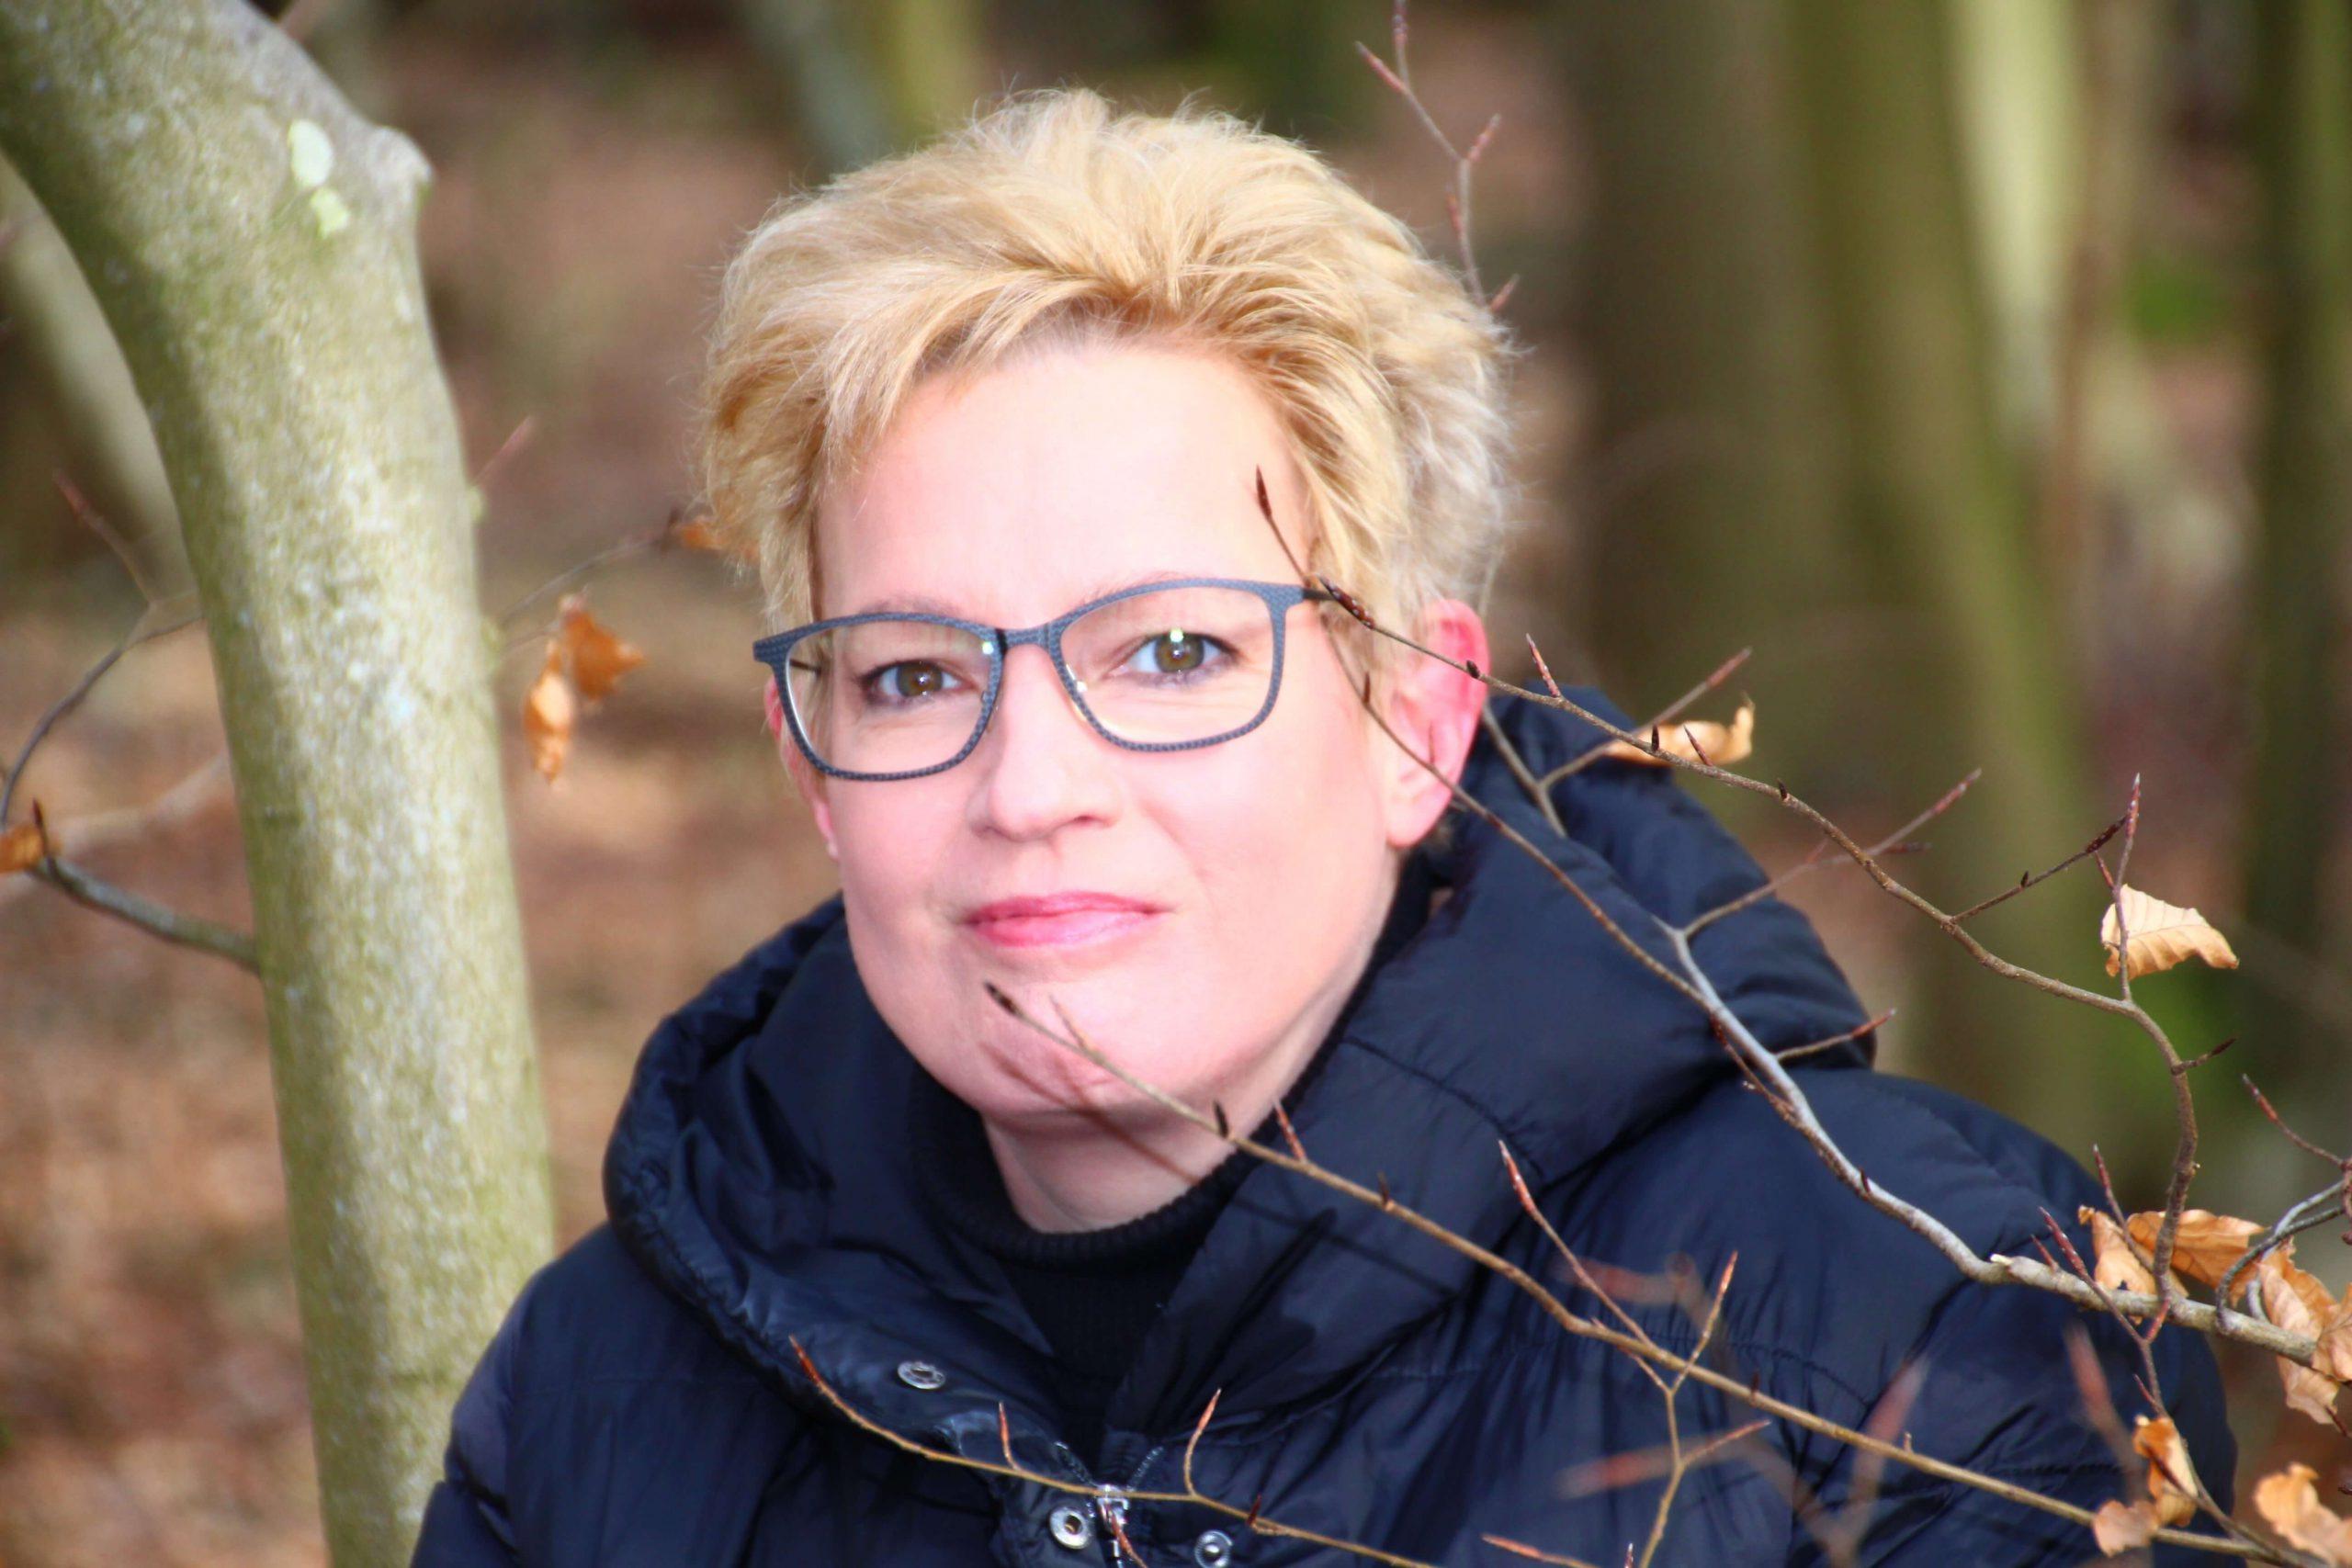 Nicole Zellmer - Inhaberin von Tierheilkommunikation Nicole Zellmer